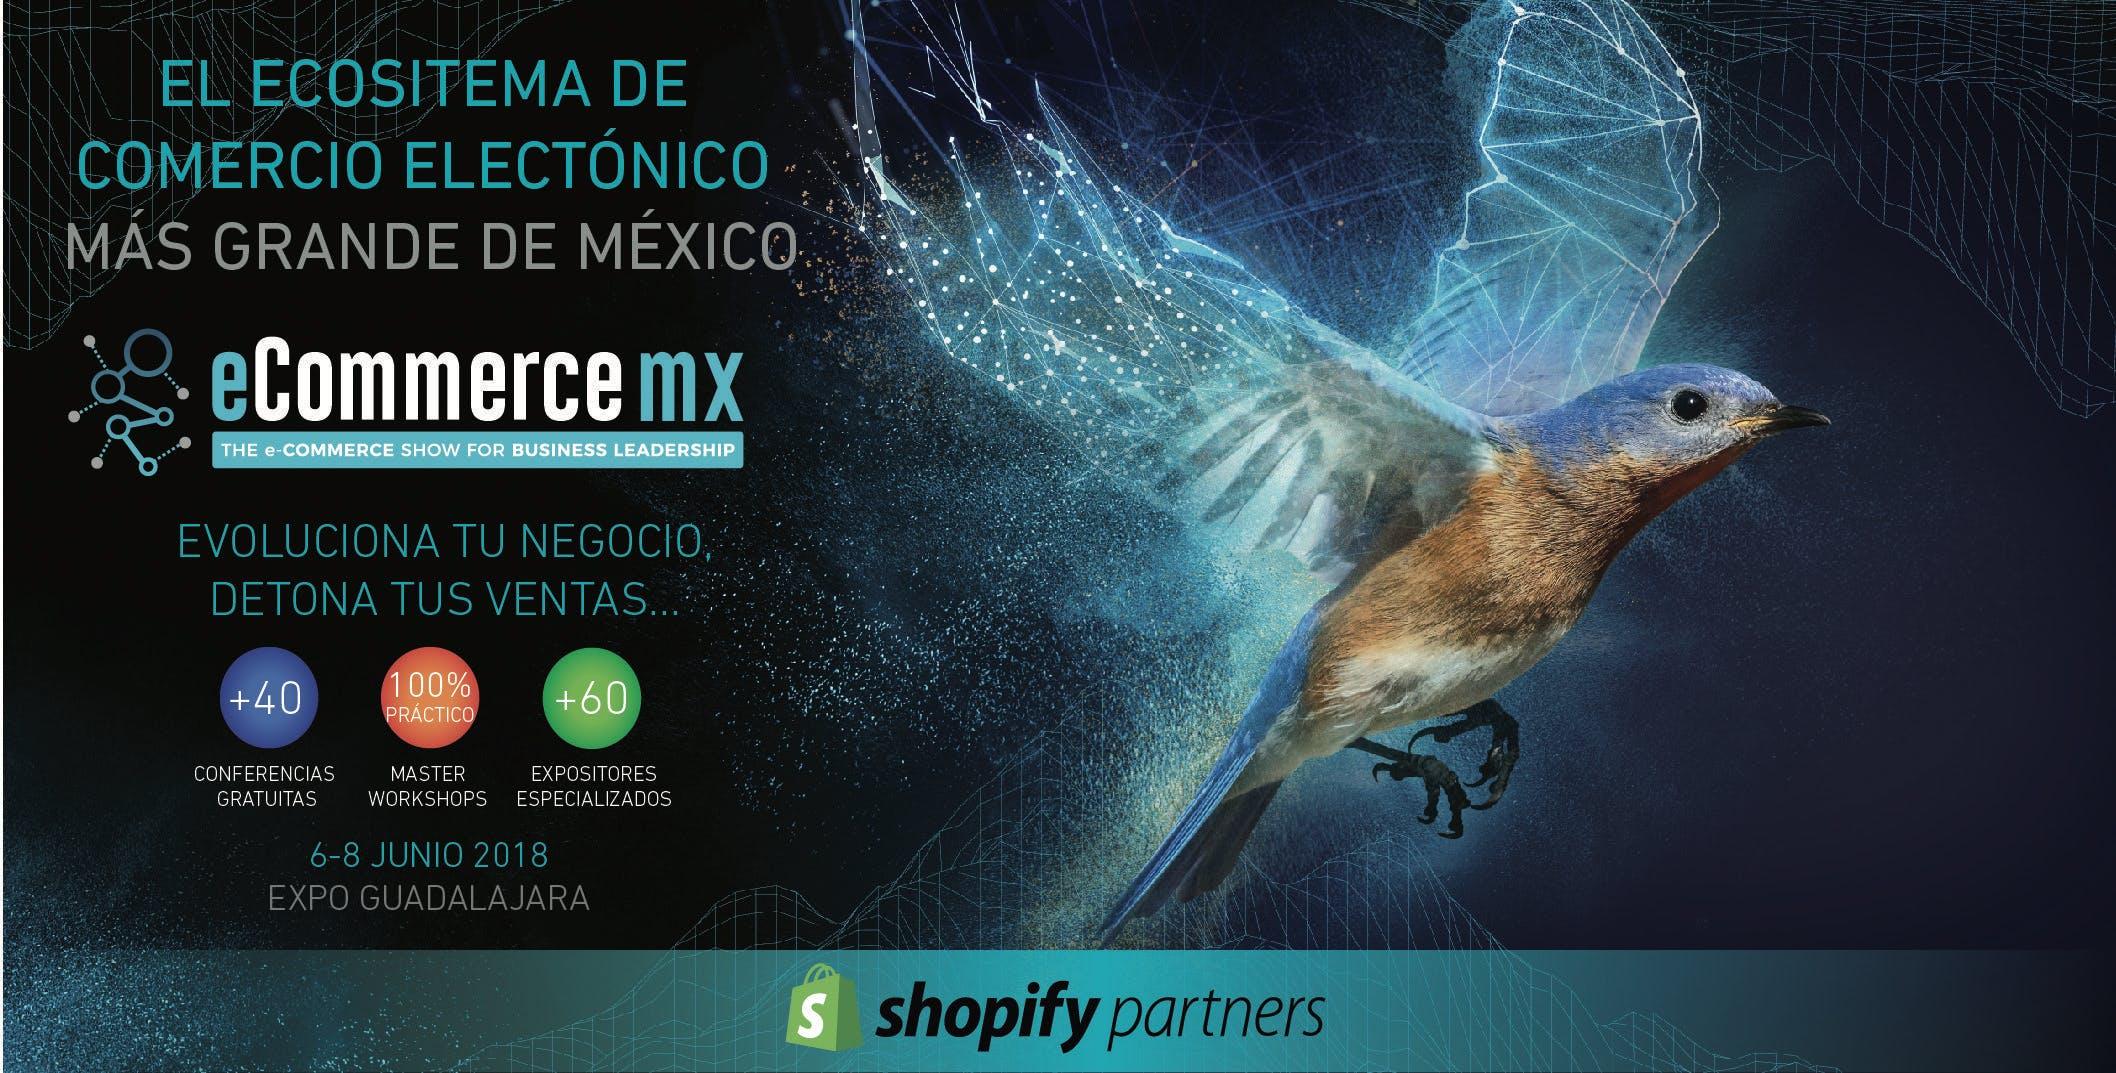 E-COMMERCE MX 2018